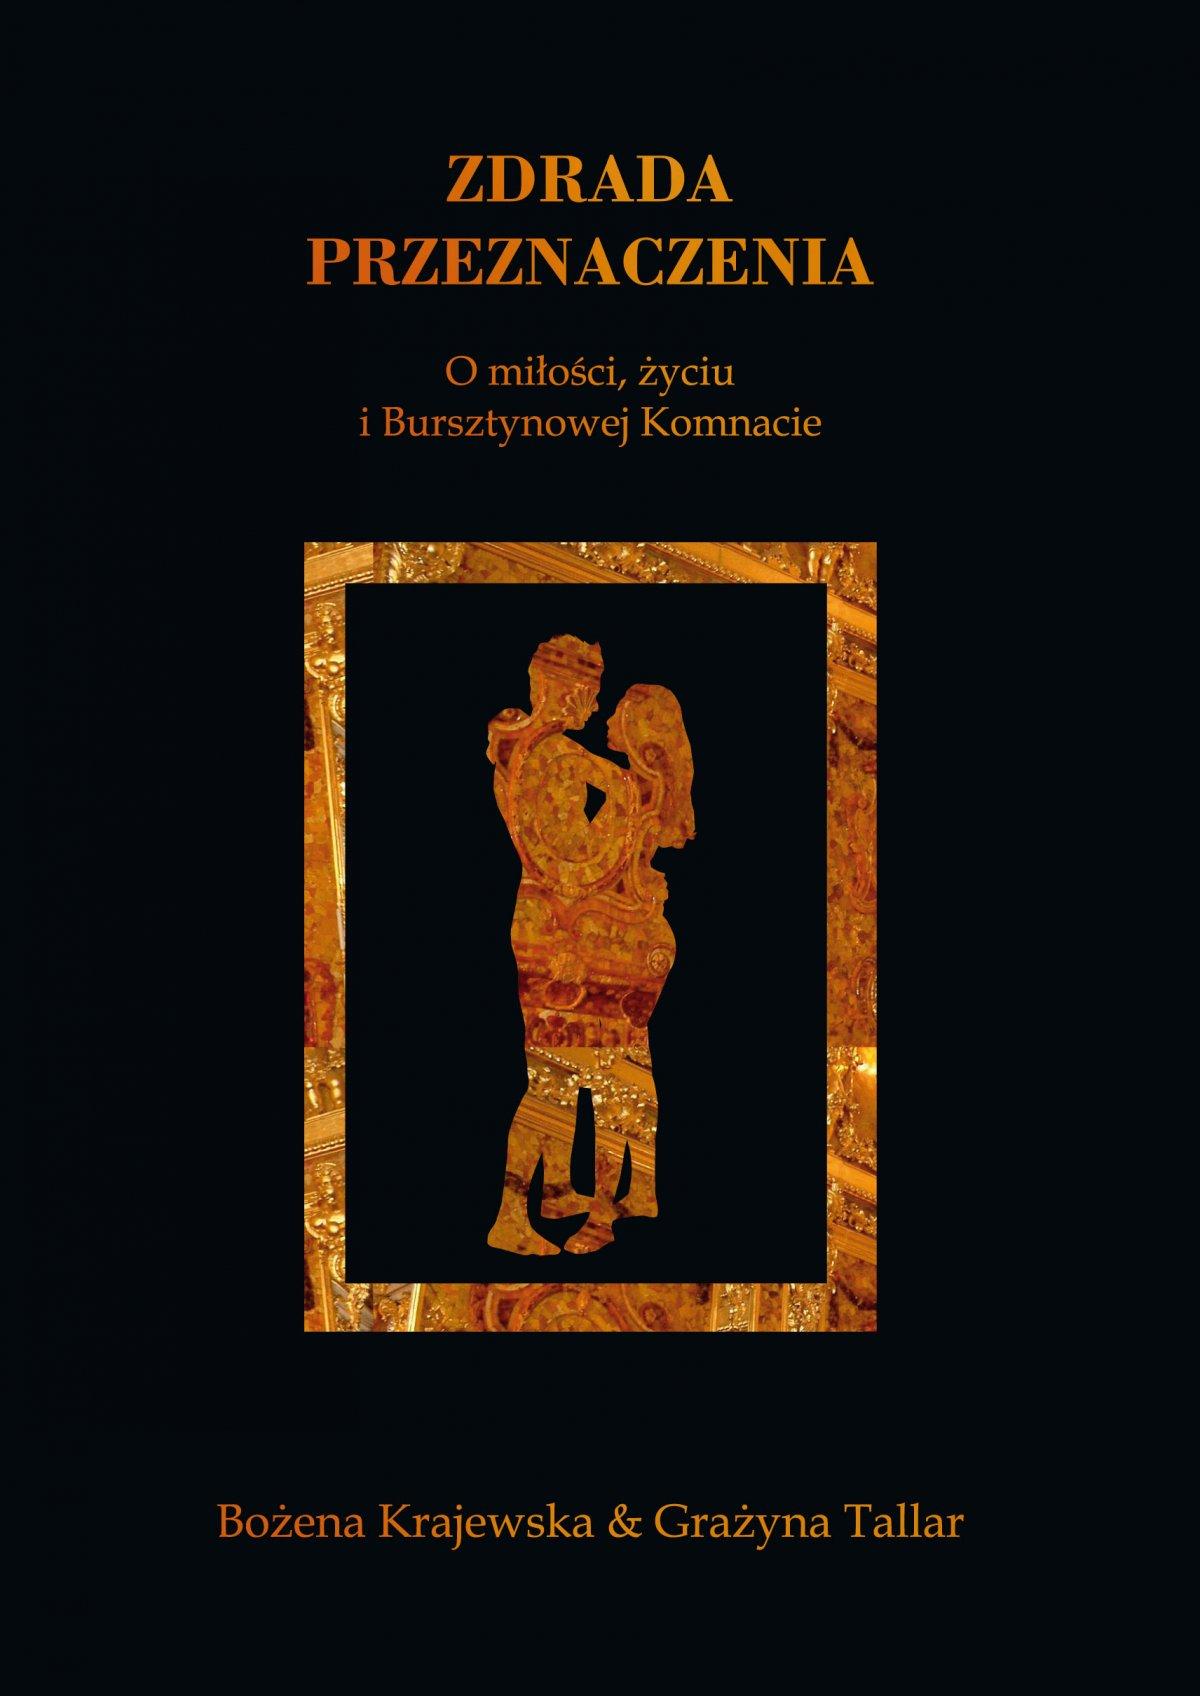 Zdrada przeznaczenia. O miłości, życiu i Bursztynowej Komnacie - Ebook (Książka PDF) do pobrania w formacie PDF